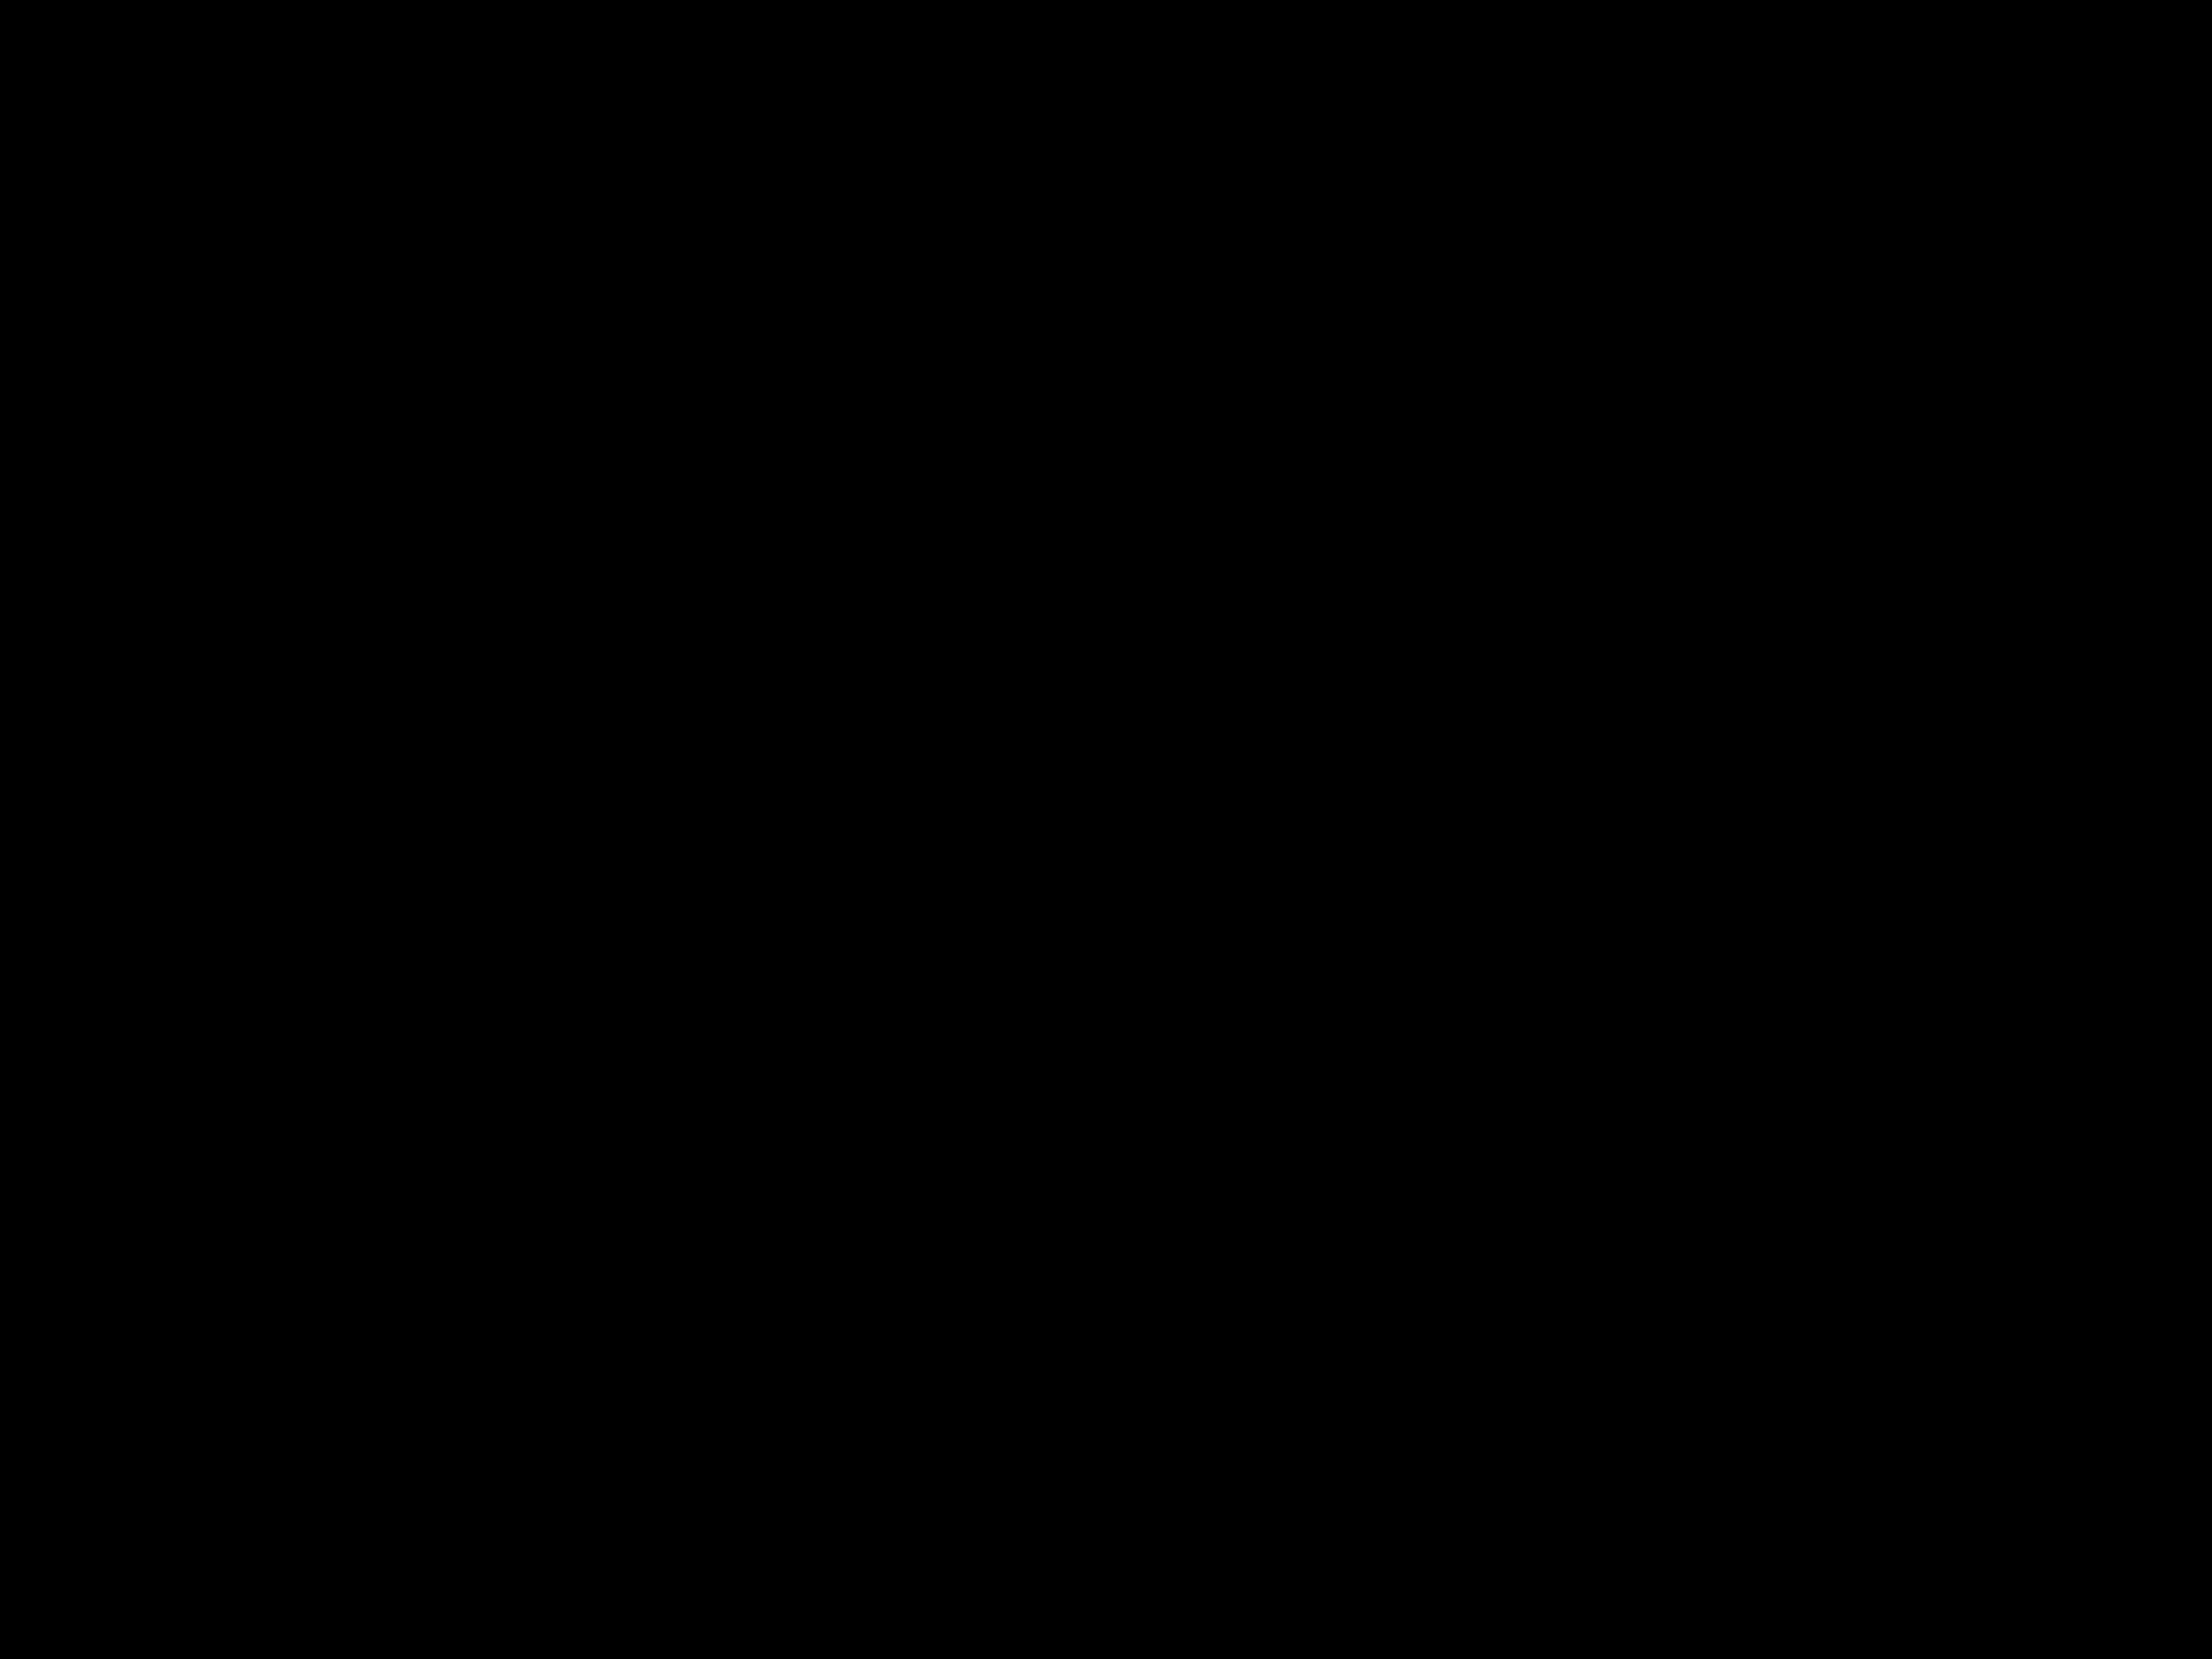 Seattle Design Festival - UTOPIA: touch